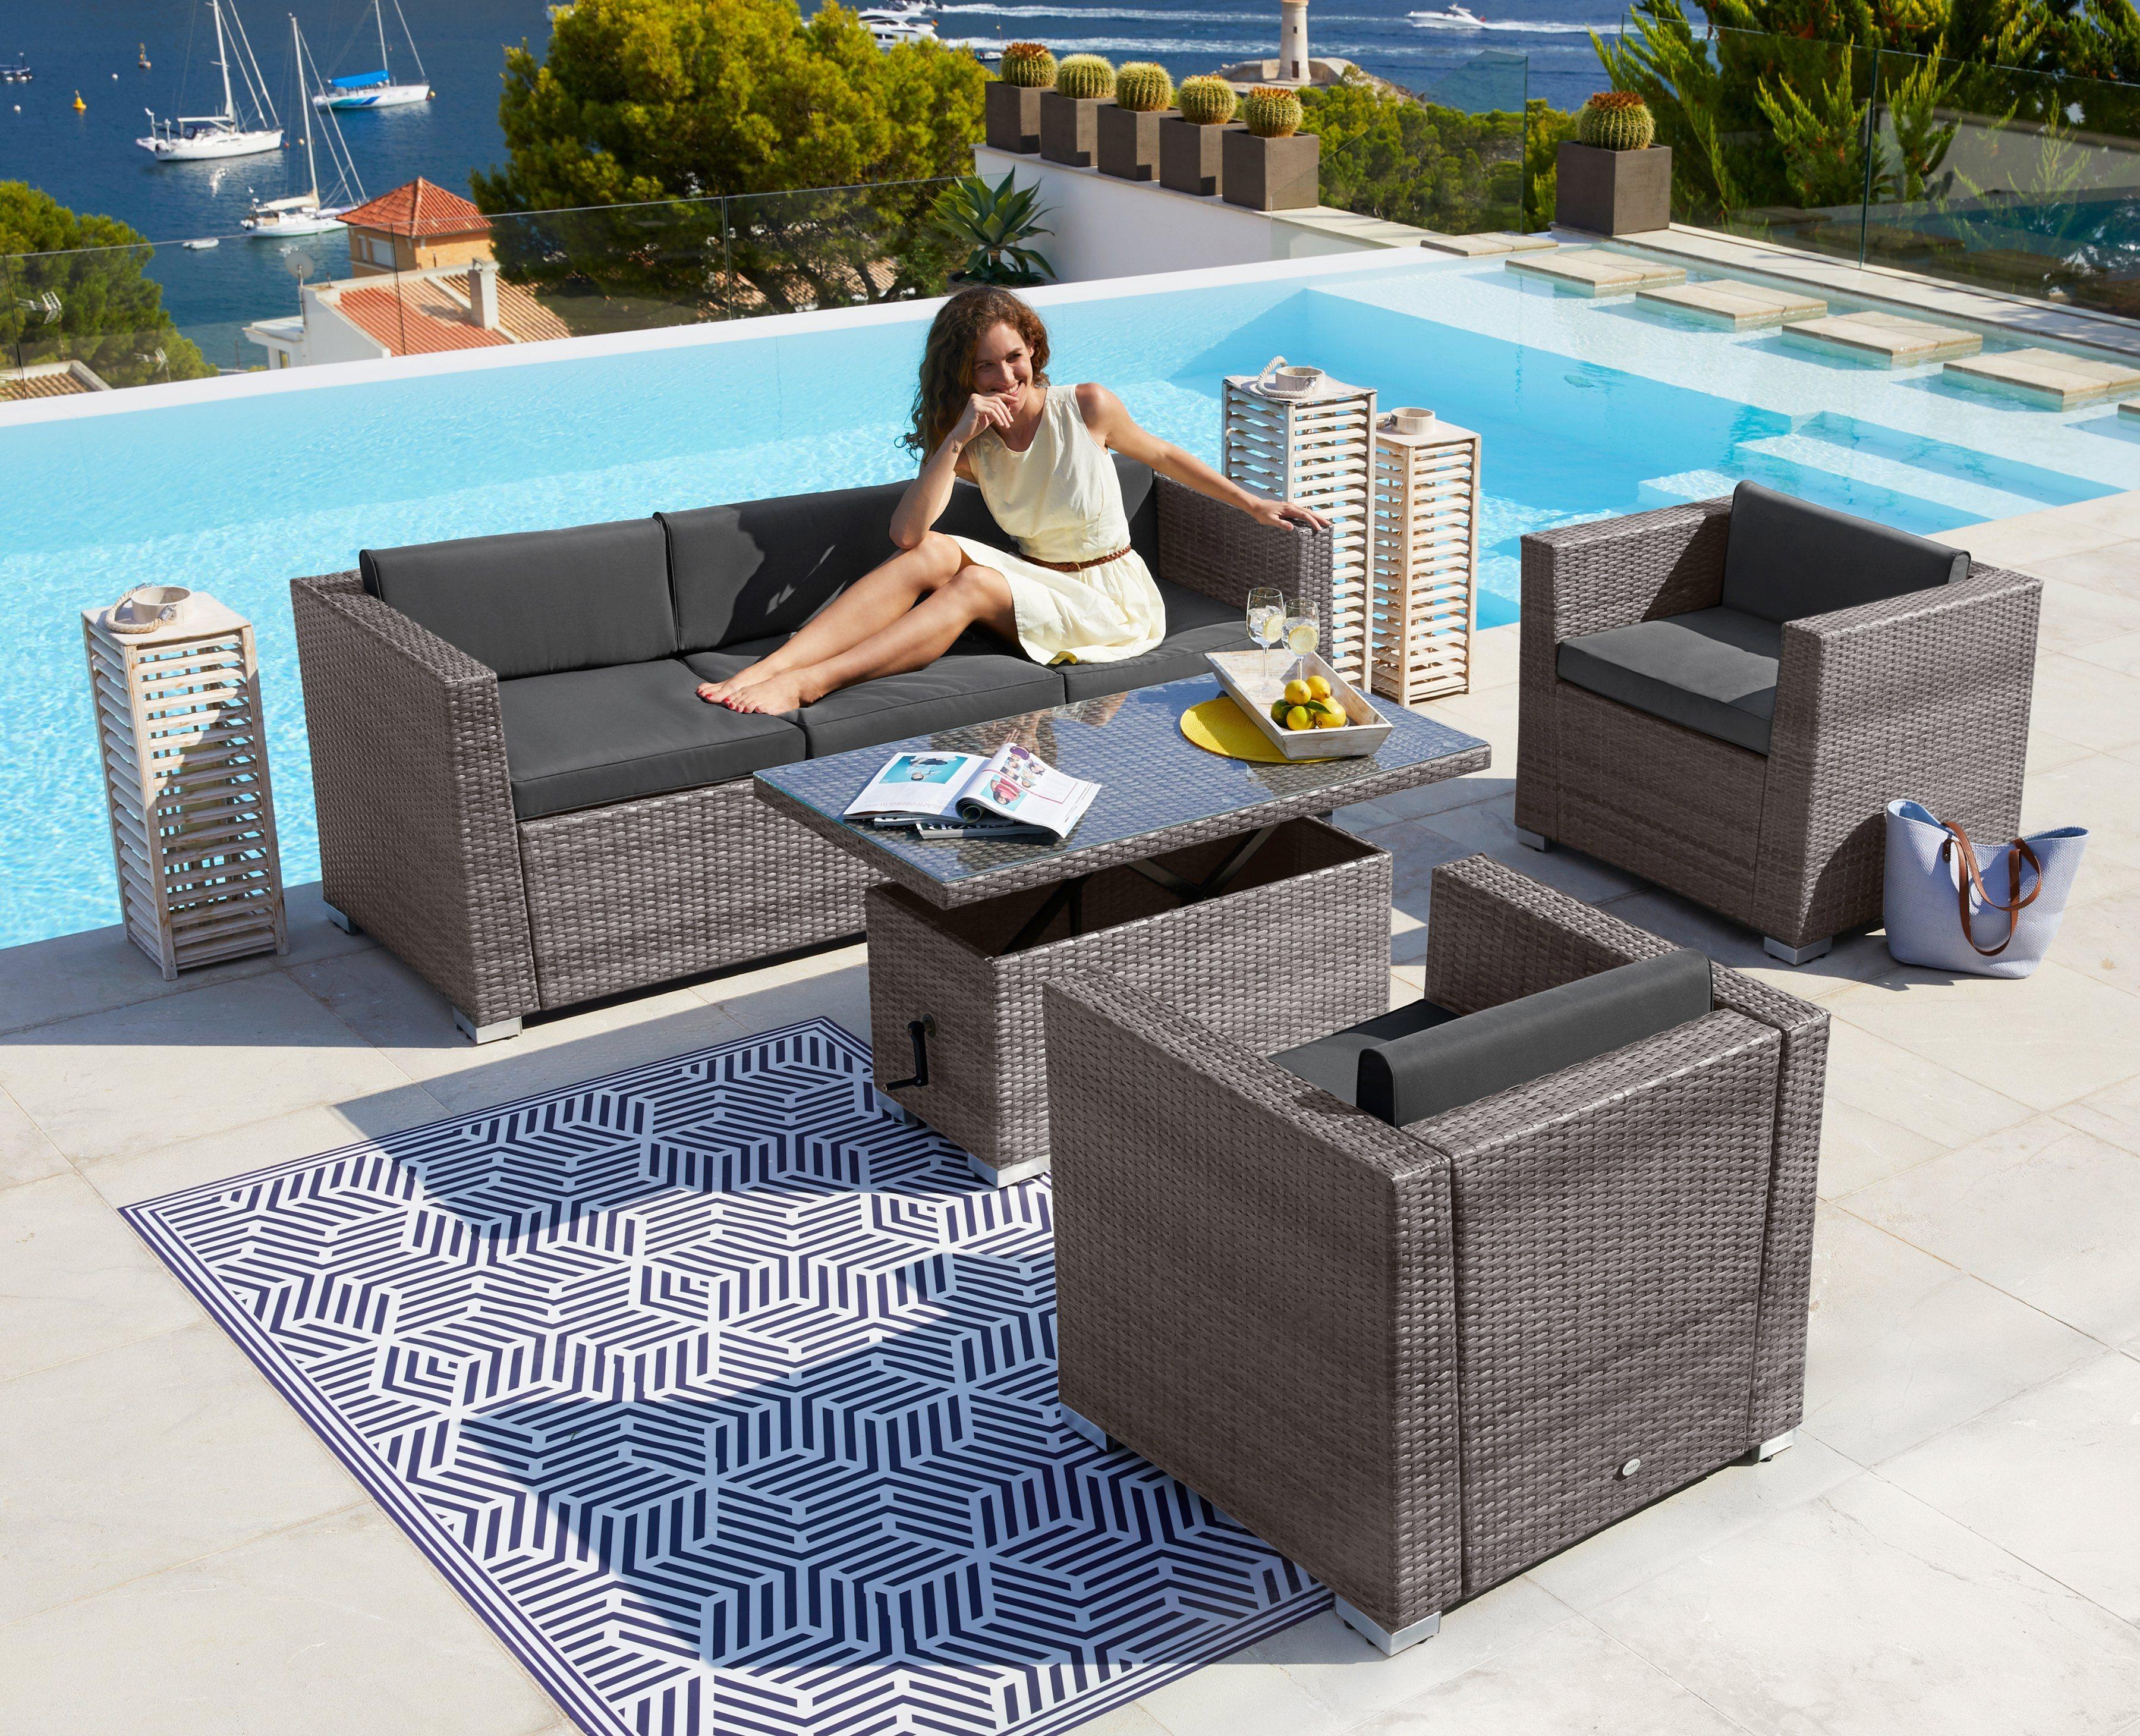 Polyrattan Sofa Preisvergleich Die Besten Angebote Online Kaufen